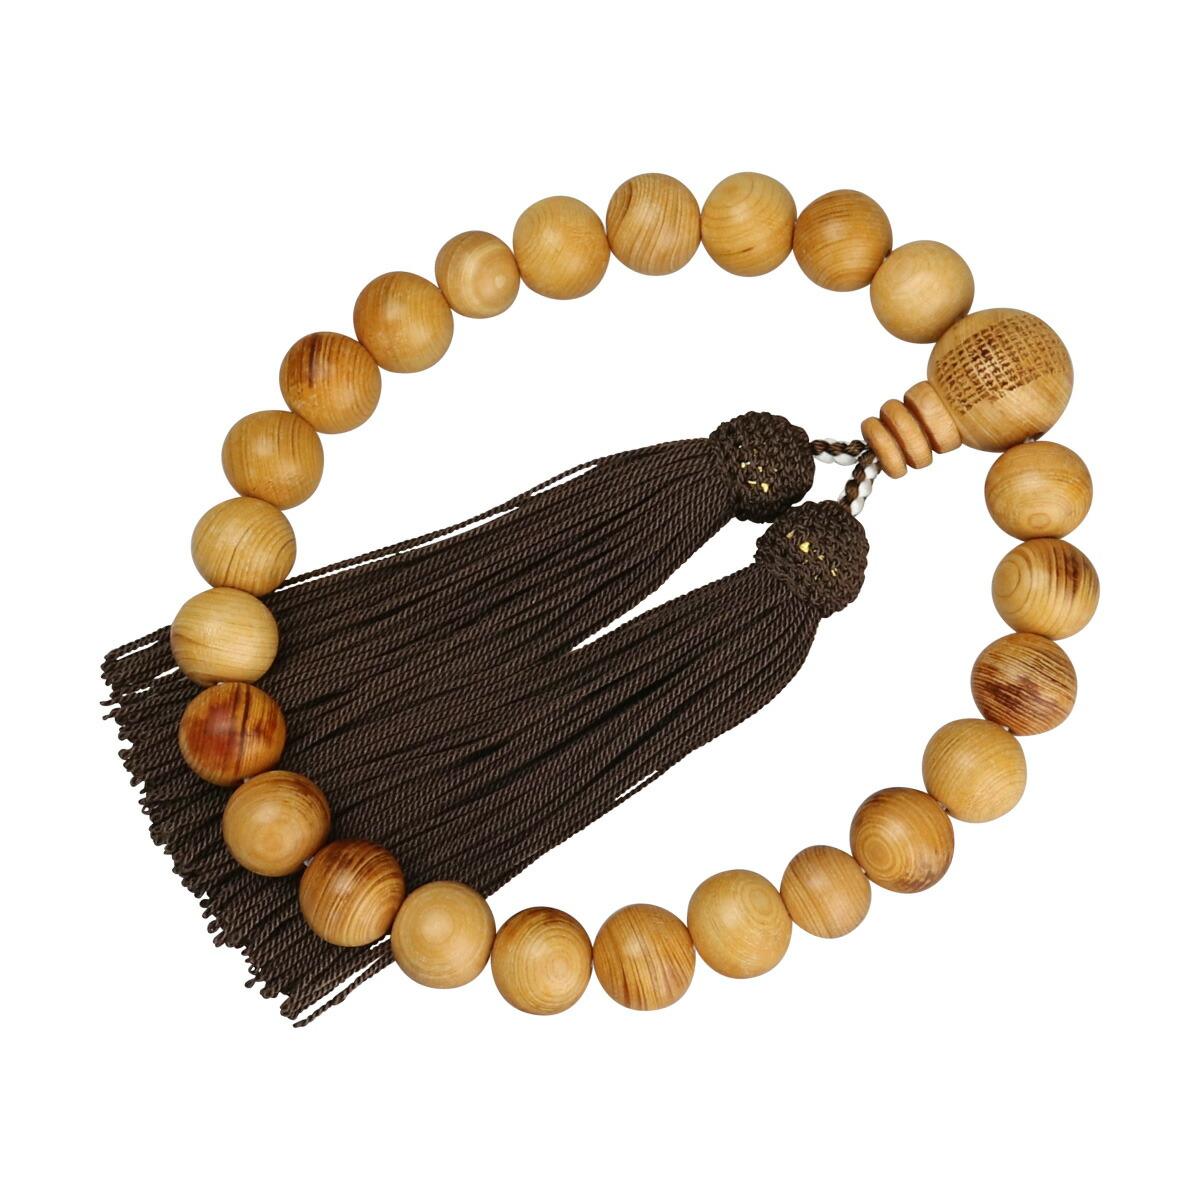 数珠(男性用略式)高野檜 22珠 正絹房